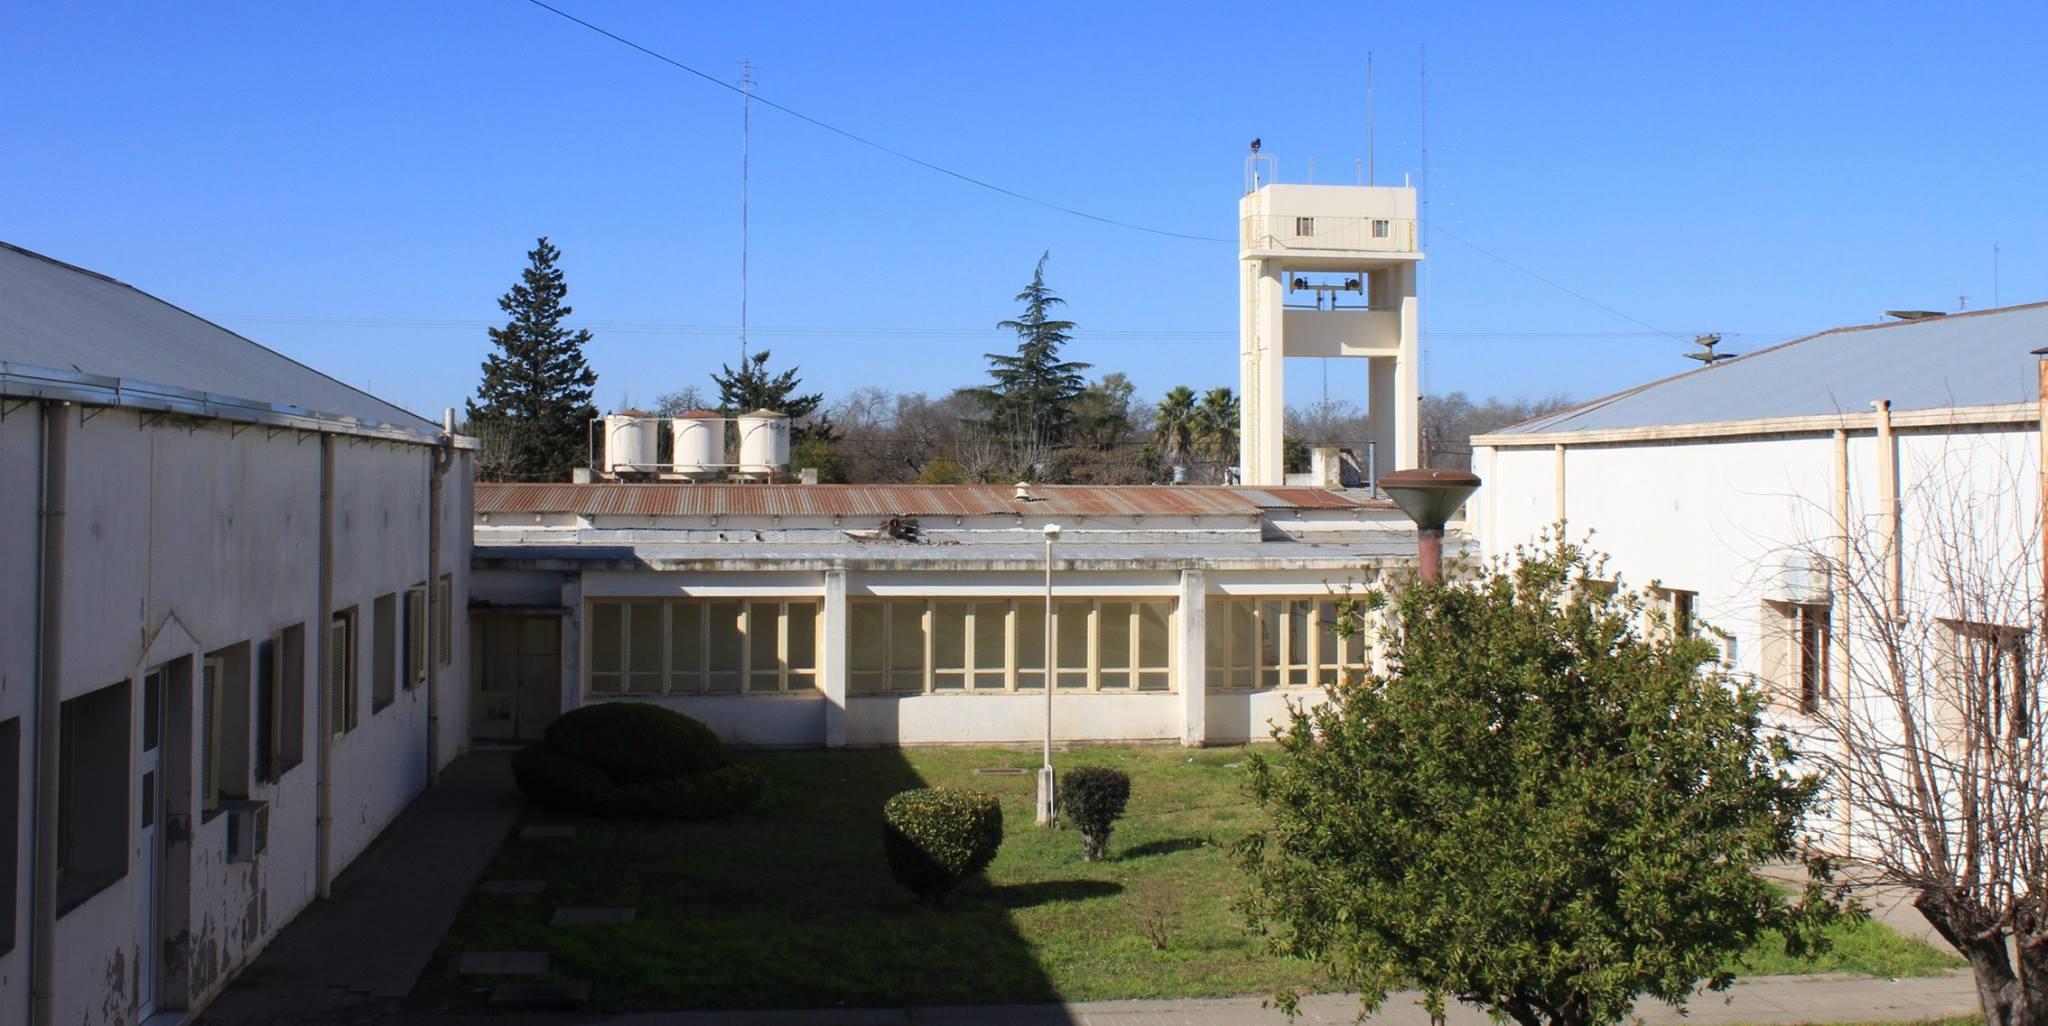 CCV 006 Vista desde la terraza del Hospital Dr. Posadas